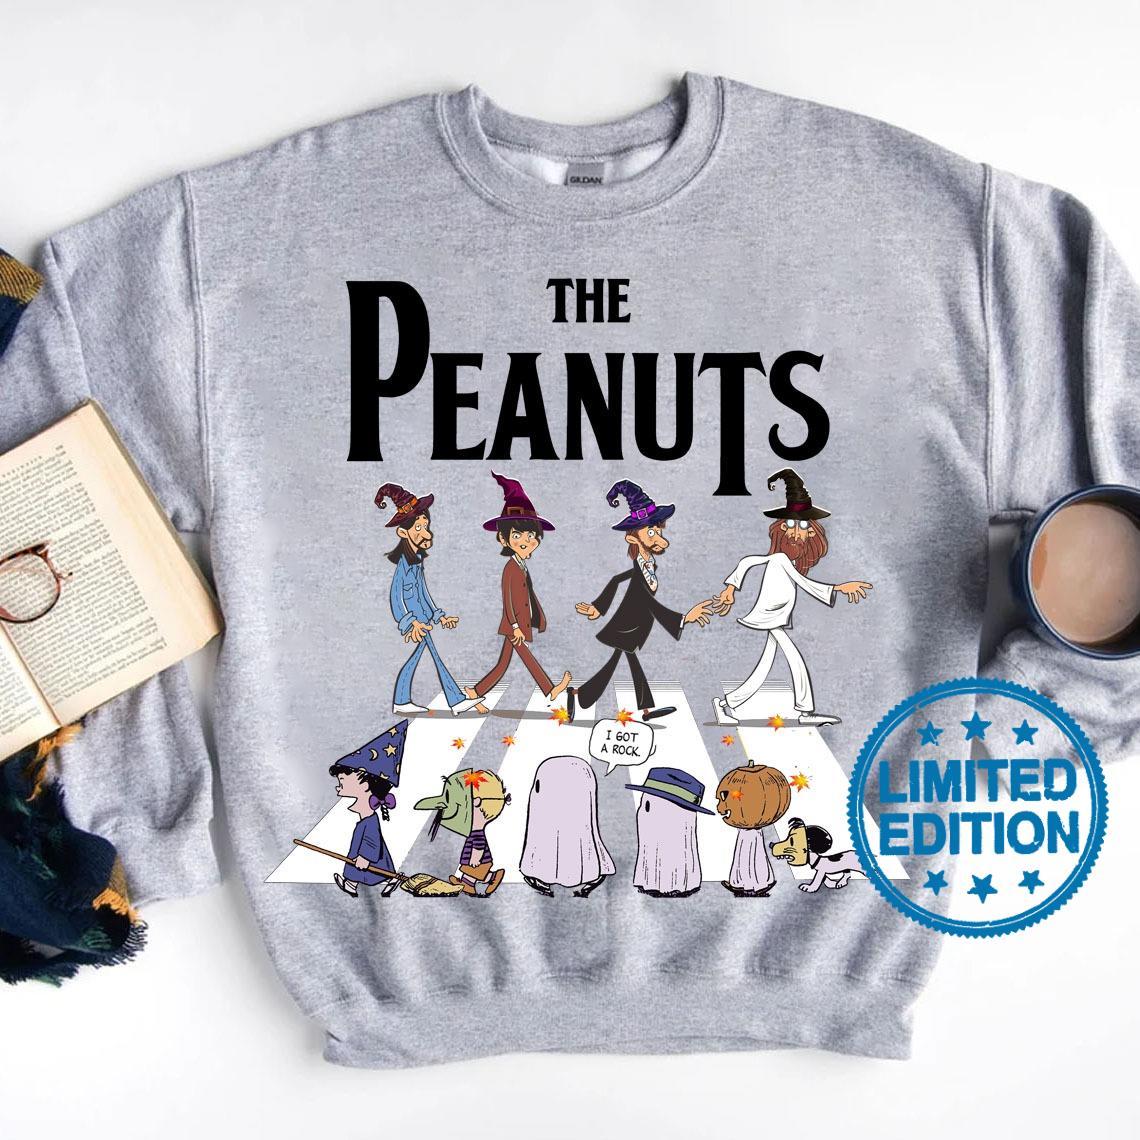 The peanuts abbey road i got a rock shirt